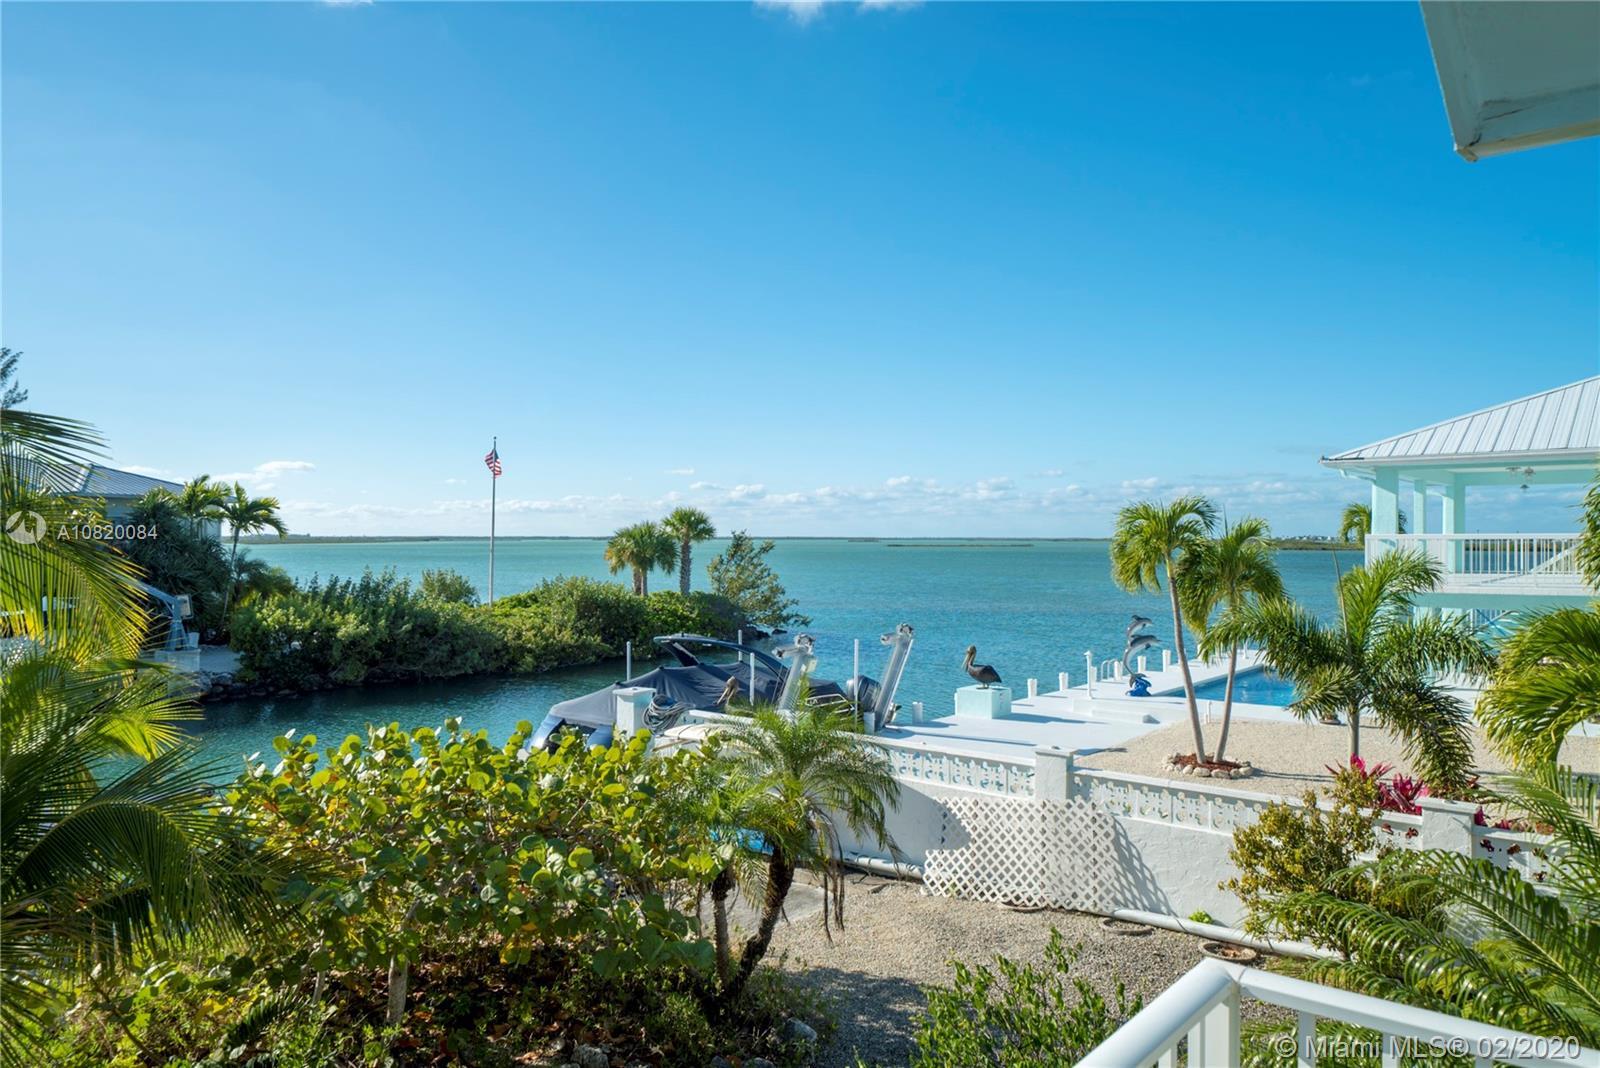 16610 Cypress Rd, Sugerloaf, FL 33042 - Sugerloaf, FL real estate listing